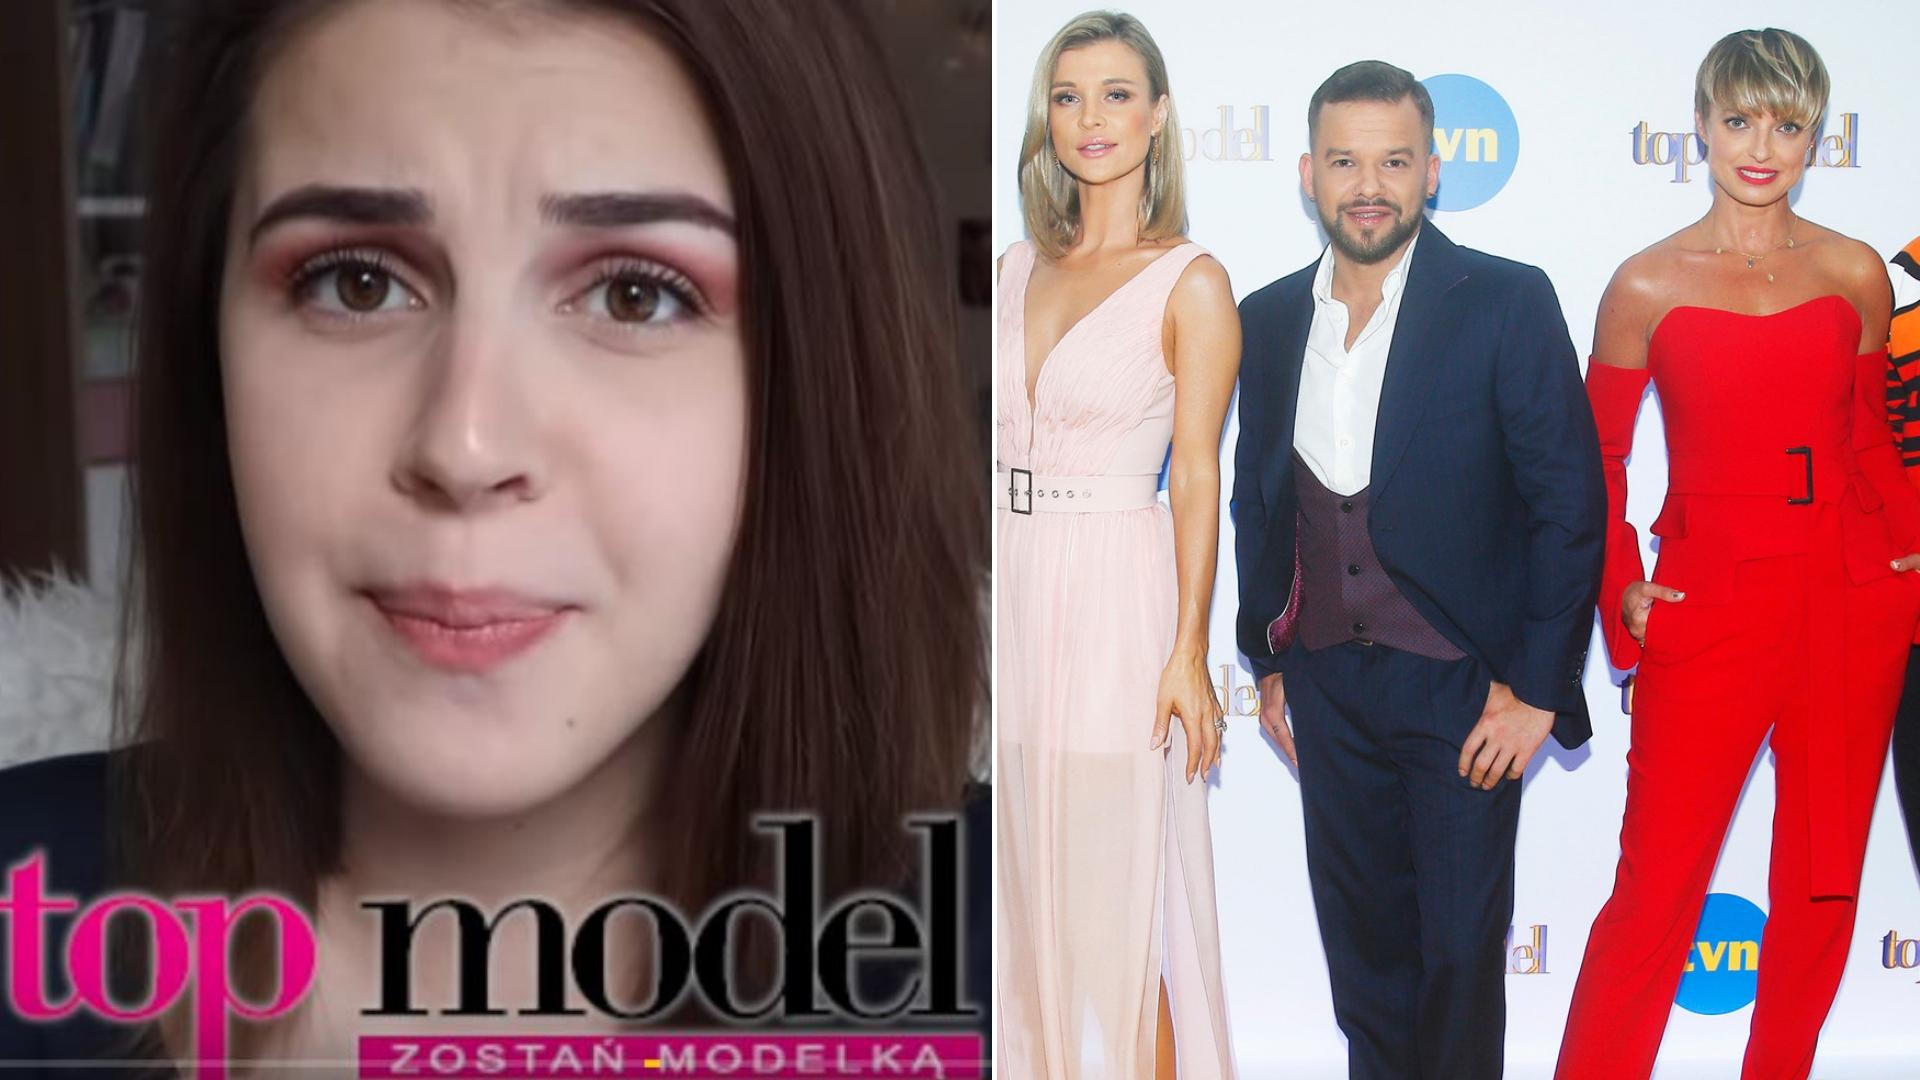 Vlogerka wyjawia KOSZMARNĄ prawdę o Top Model: Jechali po mnie jak po SZMACIE